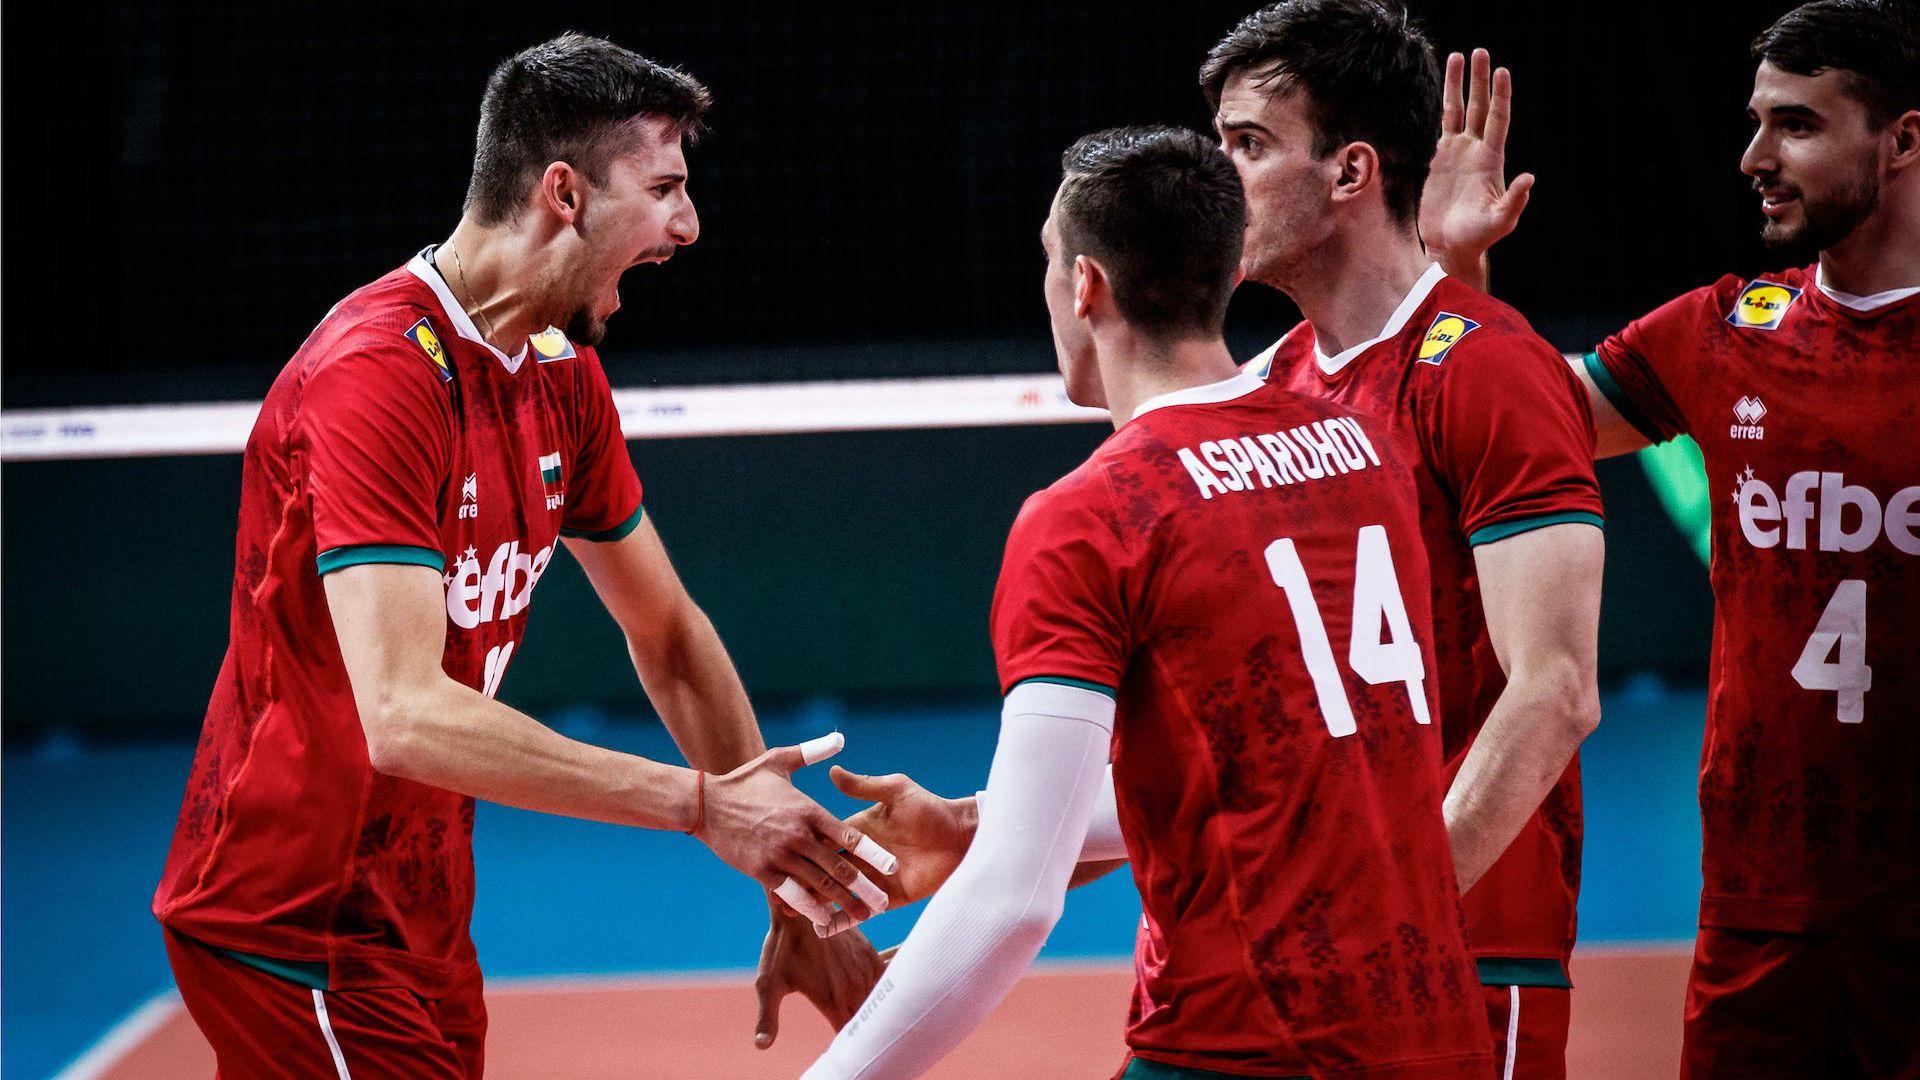 България не даде гейм на Австралия и взе първа победа в Лигата на нациите